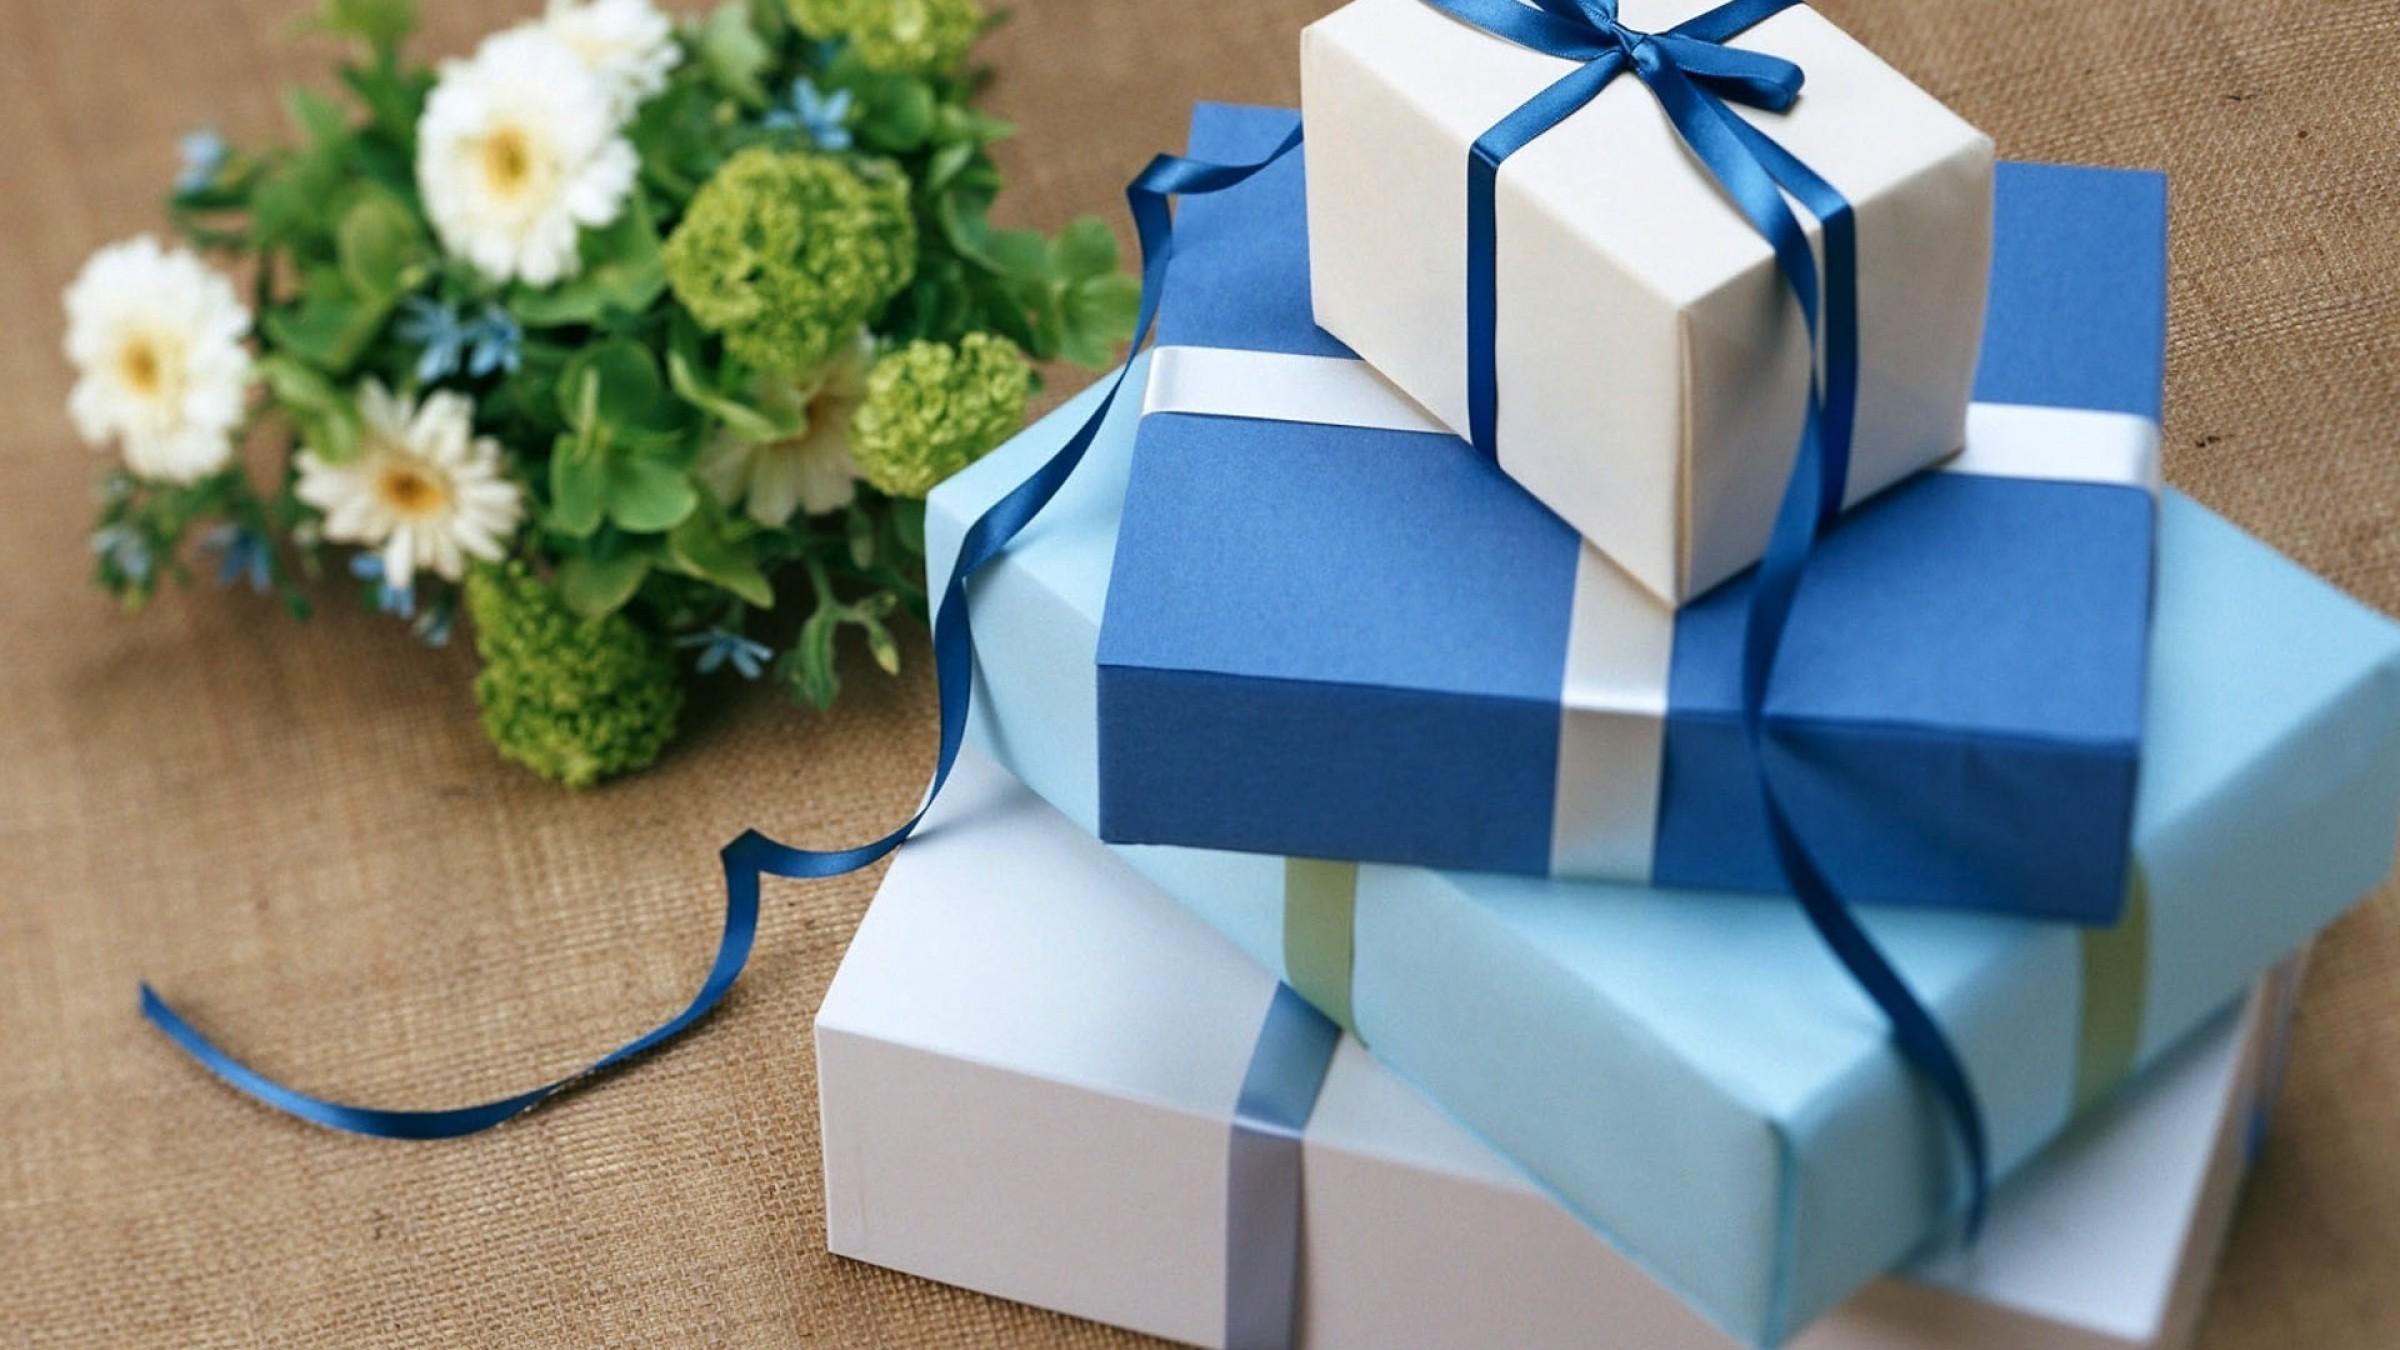 Открытки, открытка подарок другу на день рождения